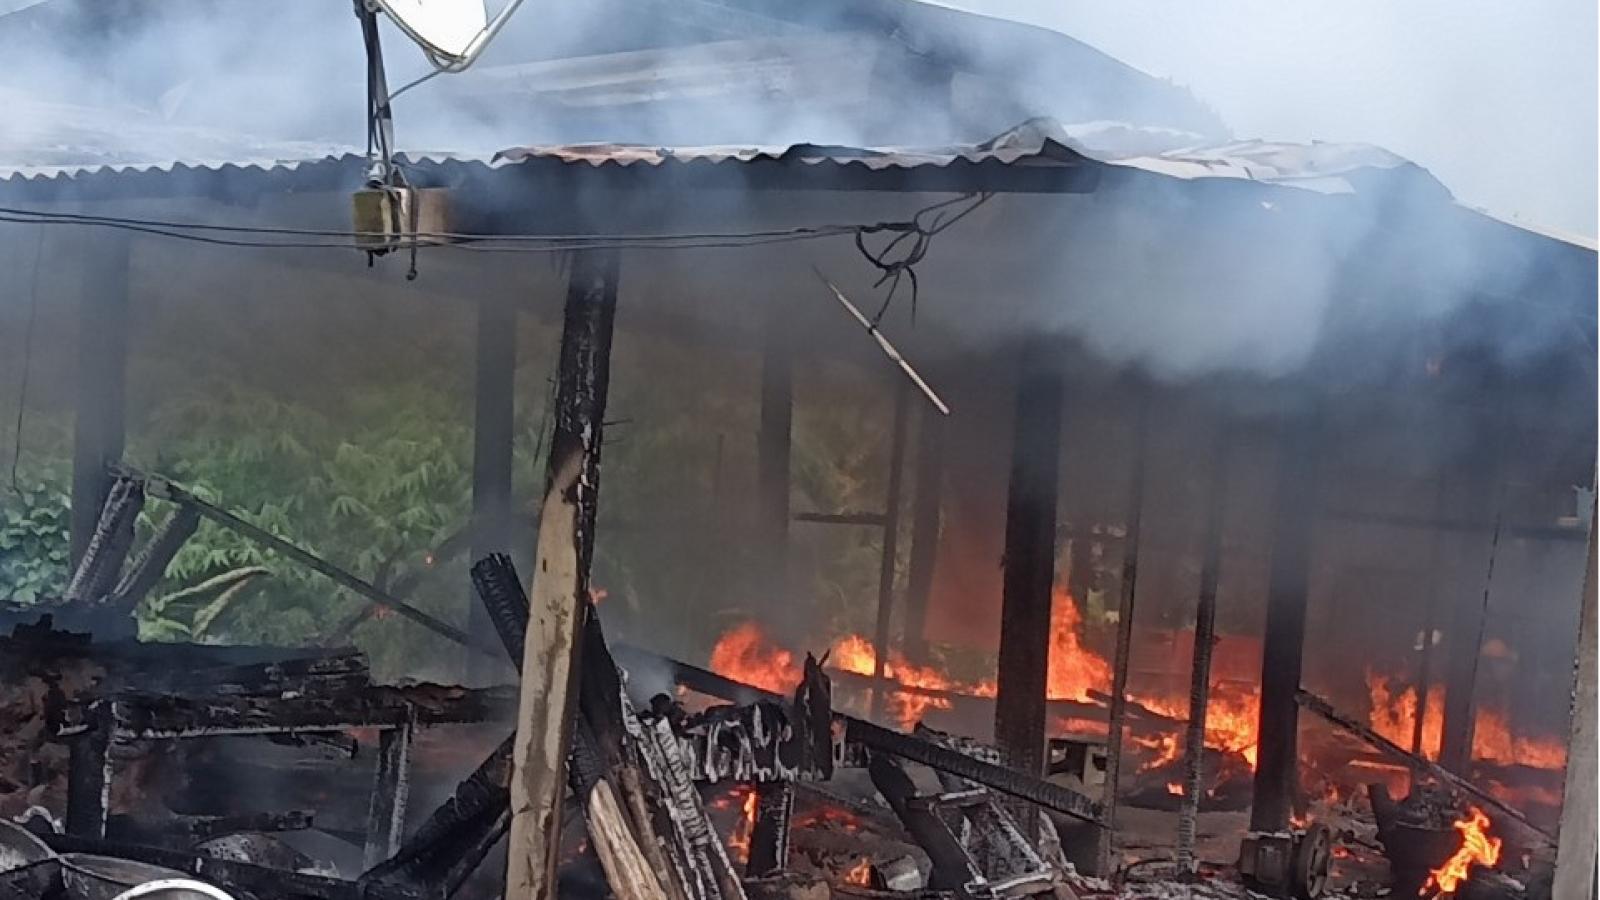 Cha mẹ đi vắng, 2 cháu bé tử vong vì nhà cháydữ dội trong đêm